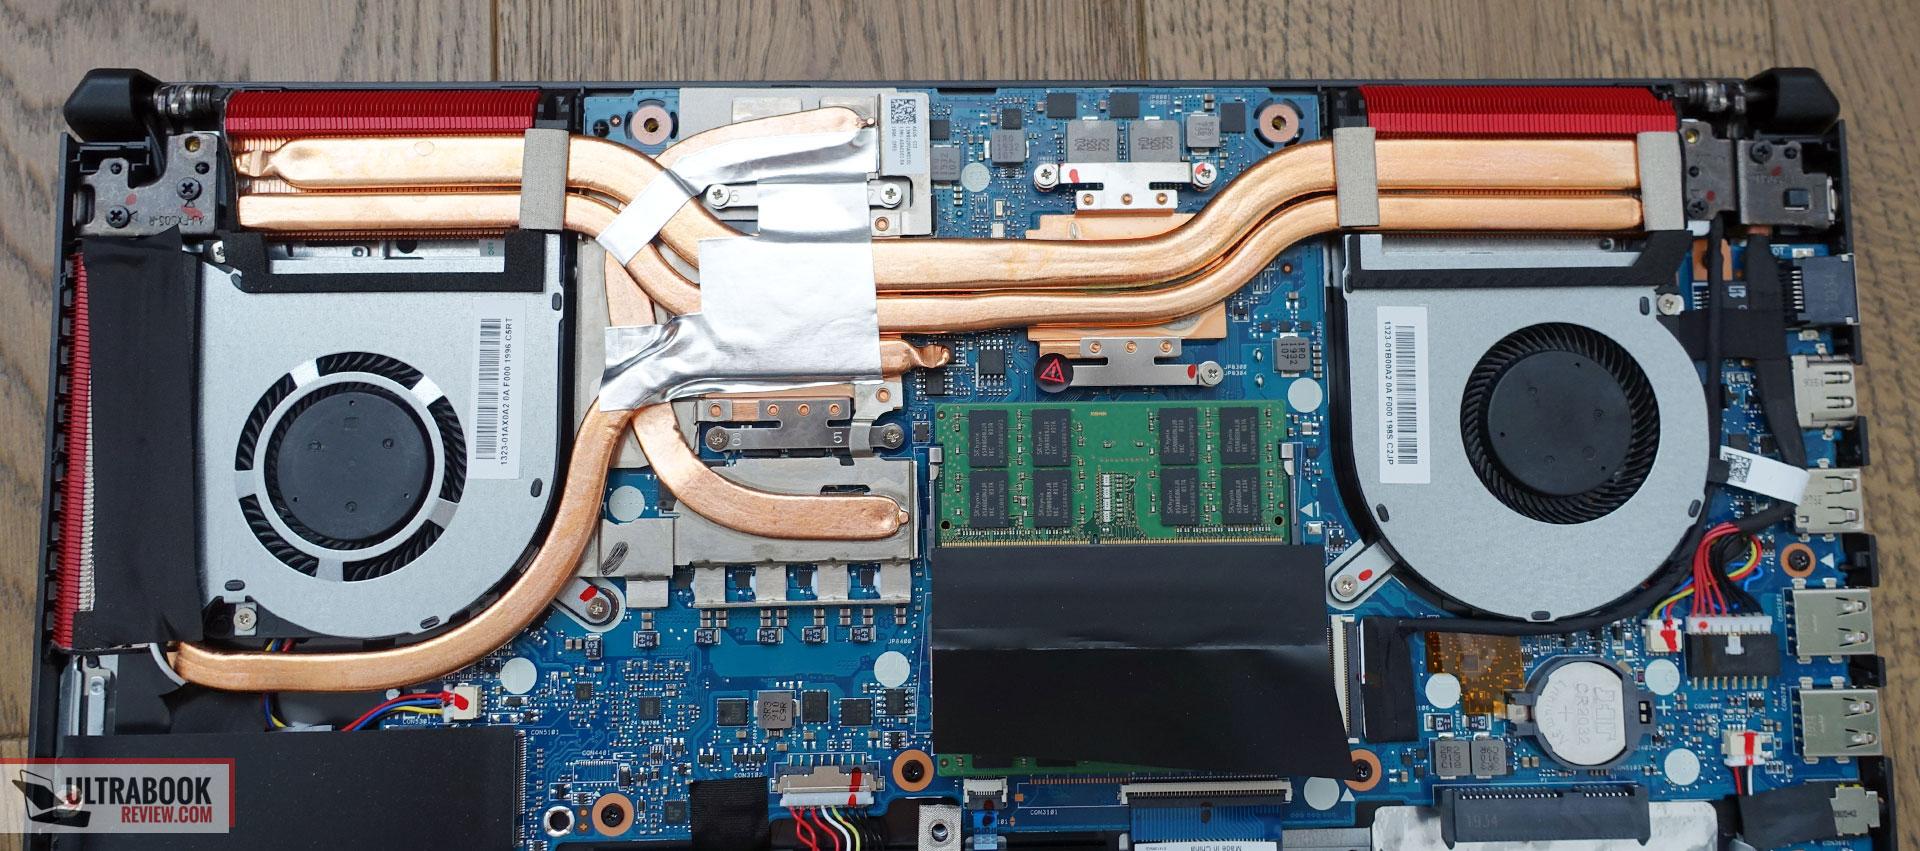 Asus TUF Gaming FX505DV - cooling, thermal module